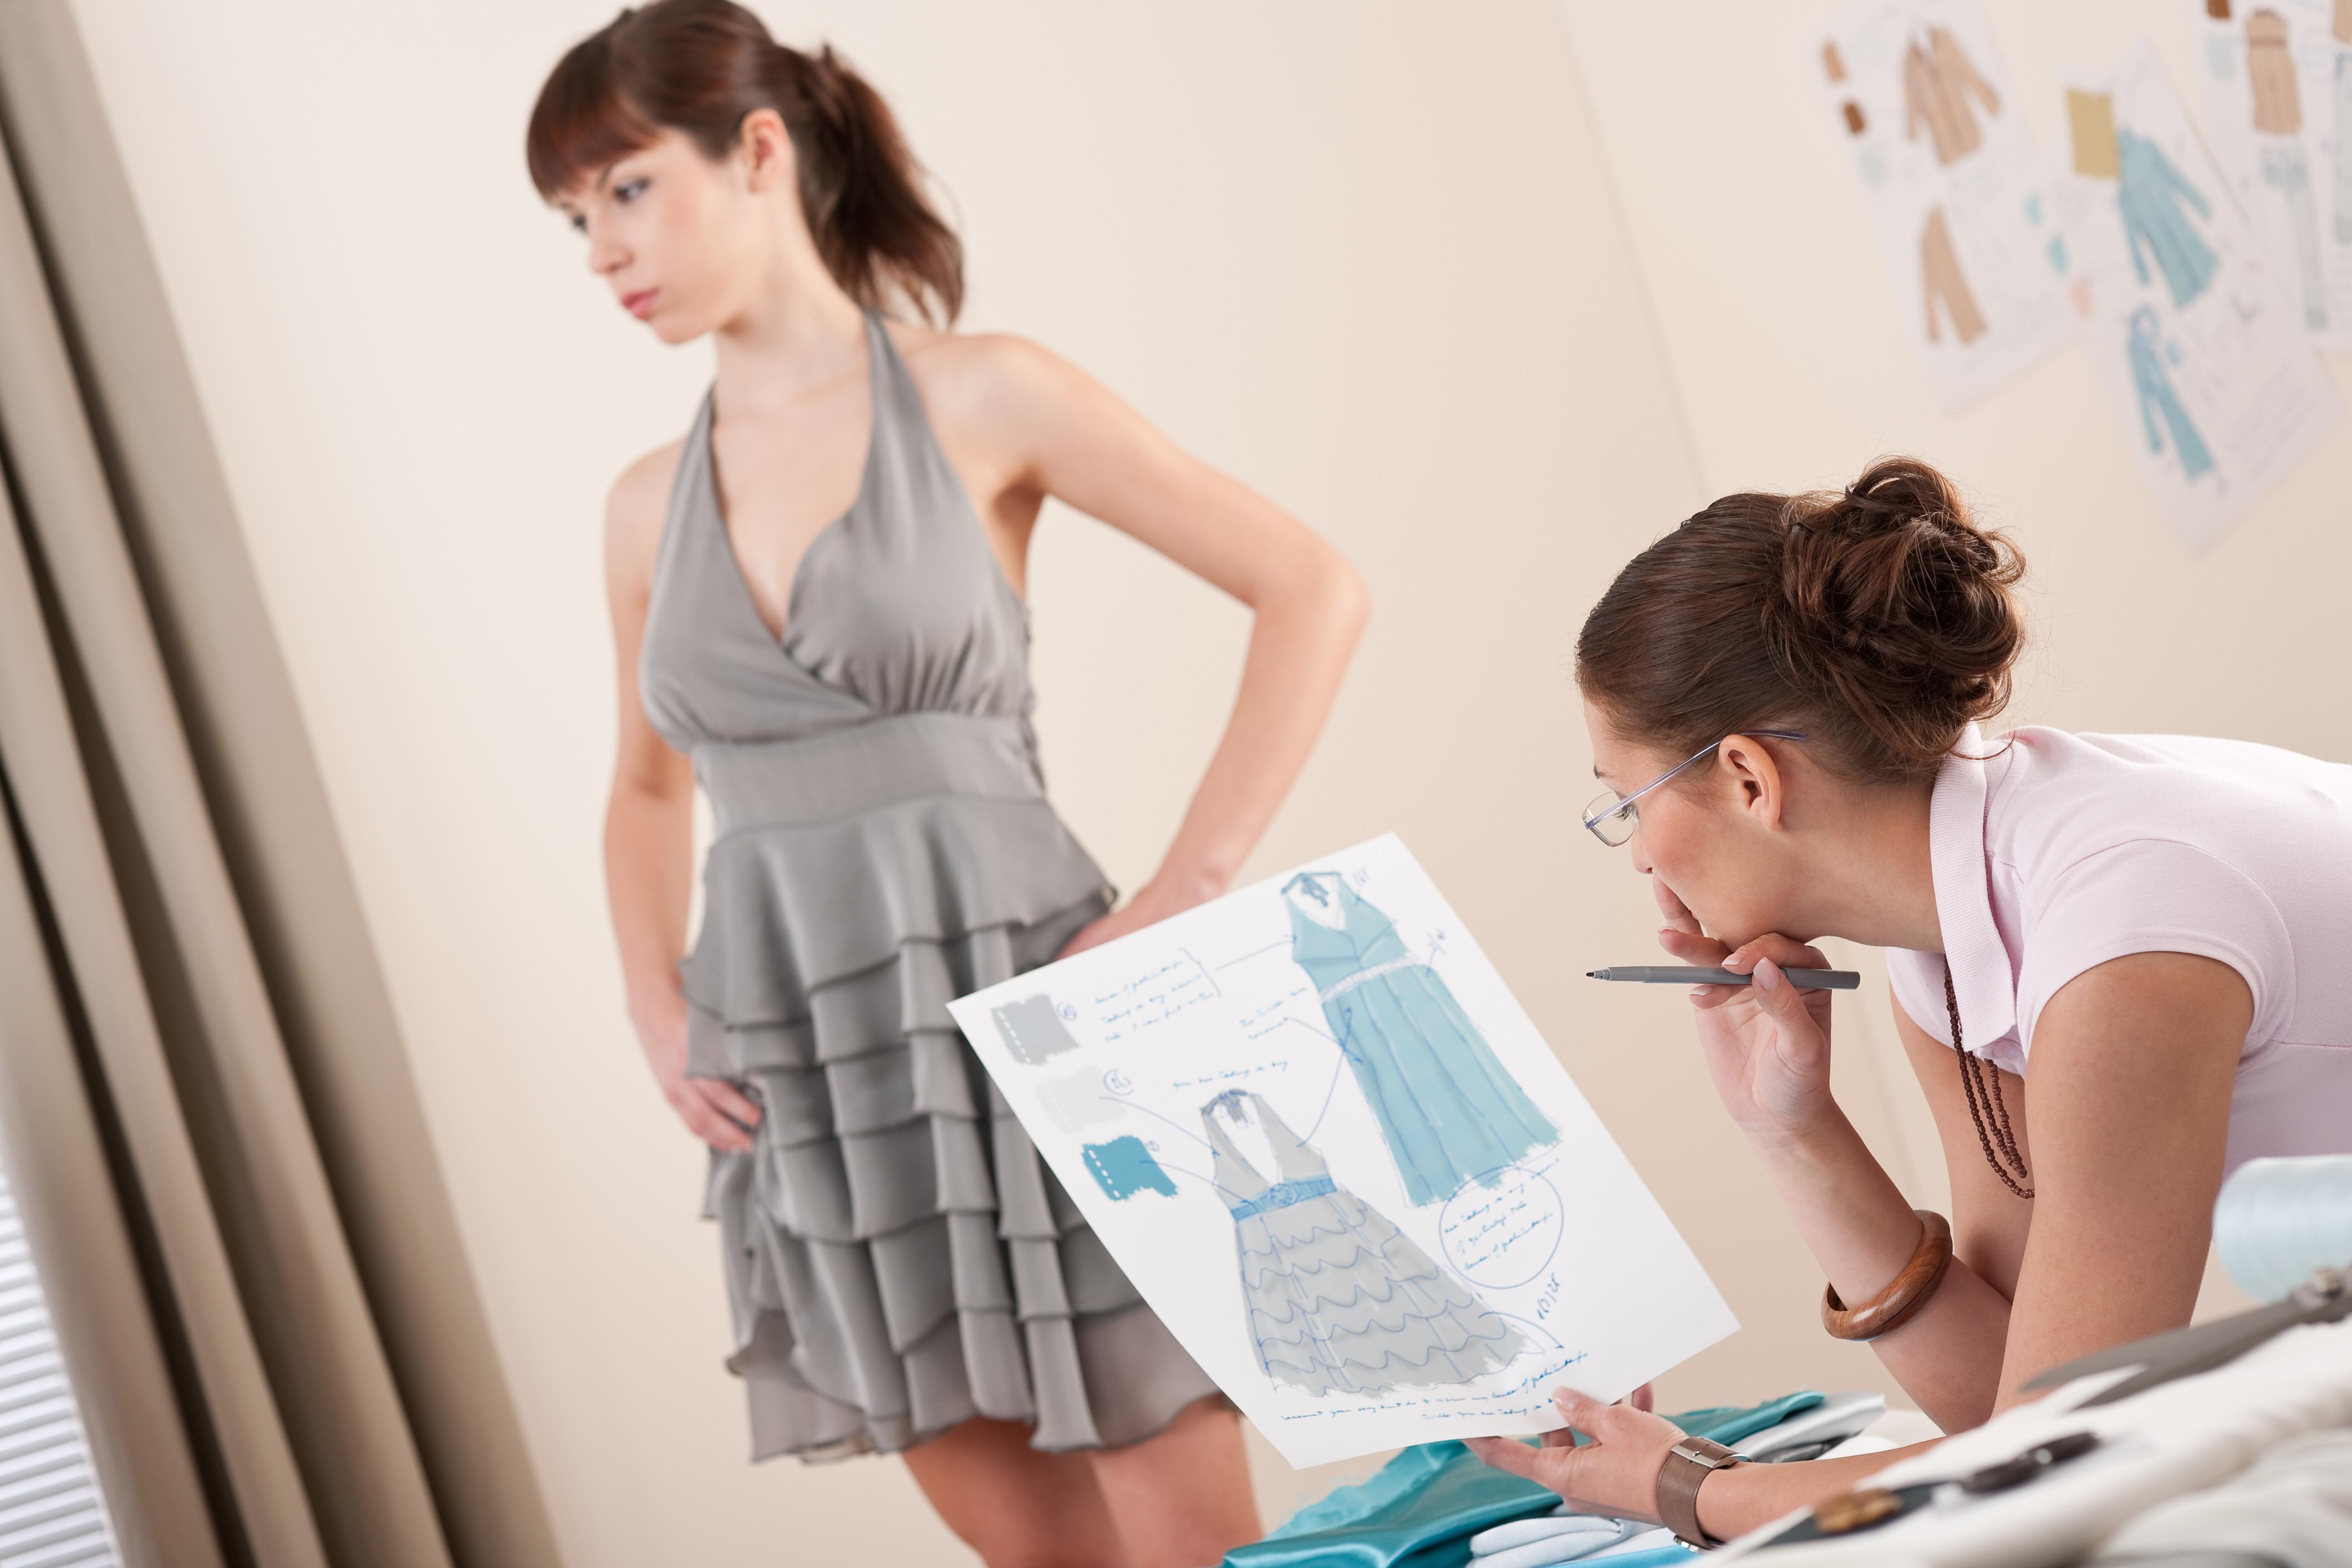 Estudiar dise o de moda preparado para el futuro webfvea - Estudiar diseno interiores ...